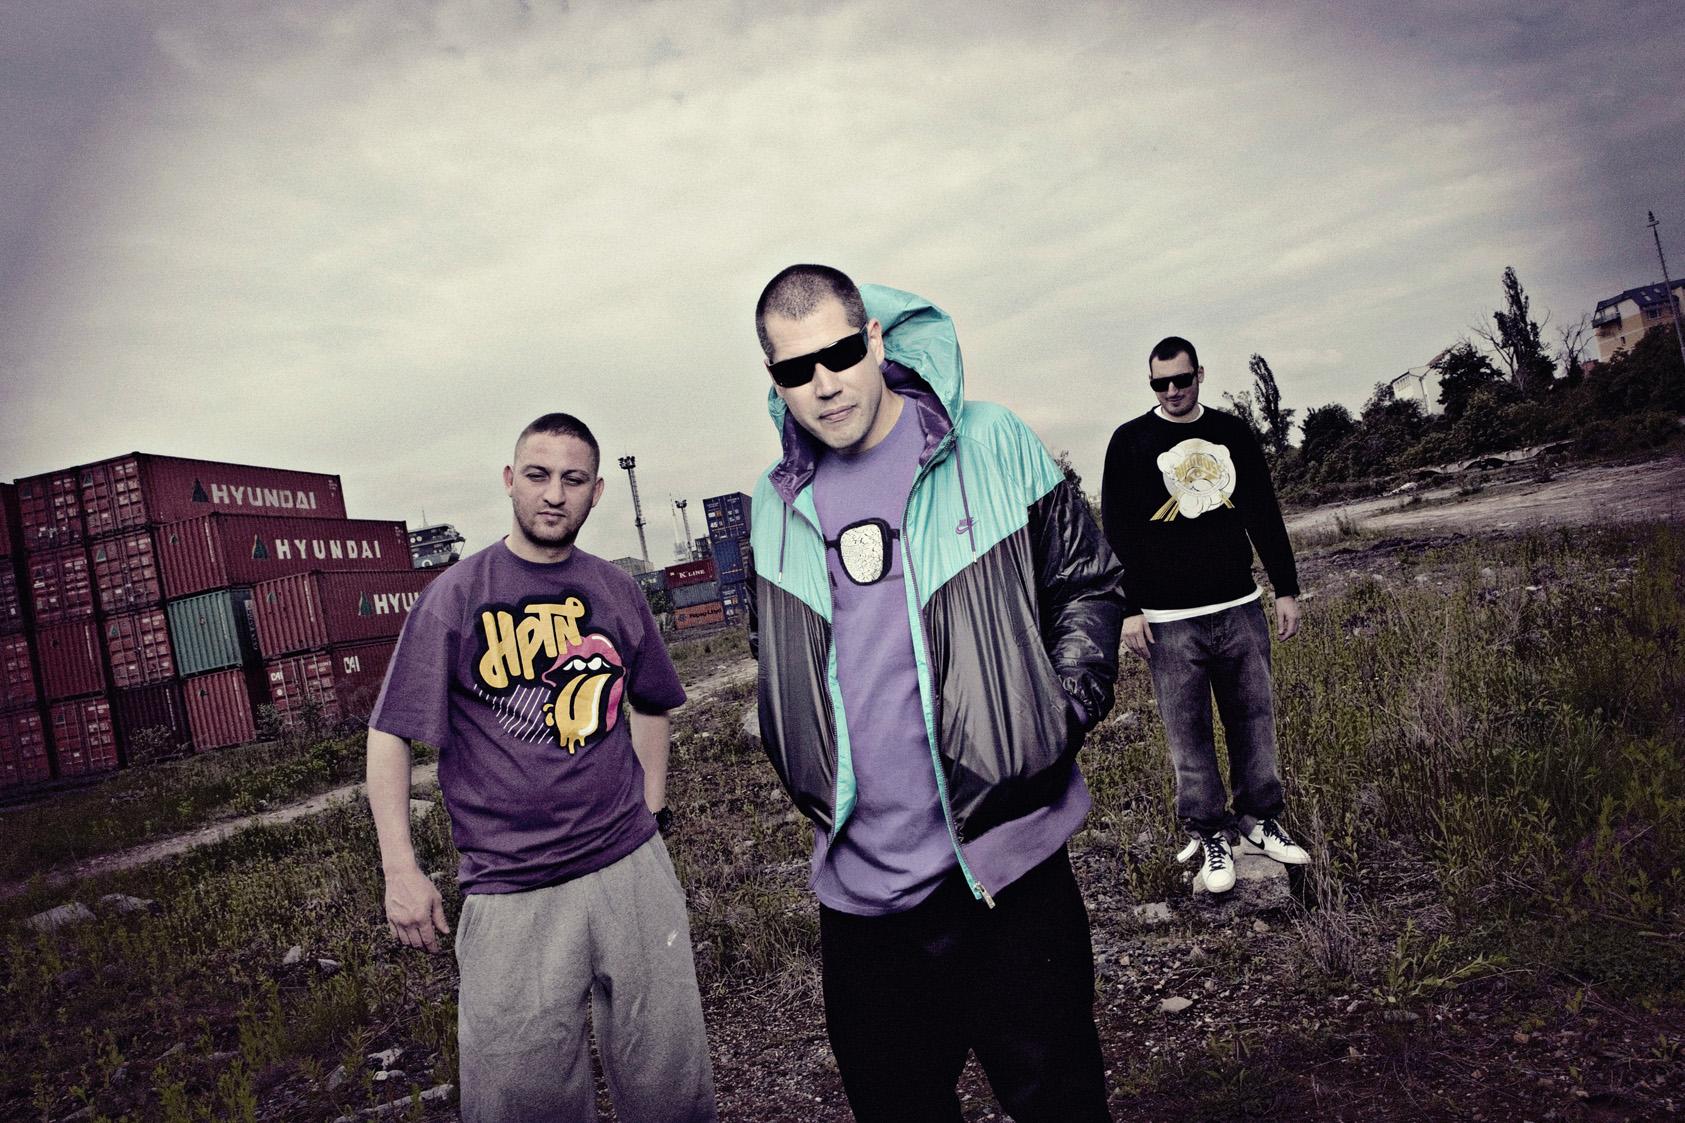 V pátek PSH obsadí klub Radost FX a udělají hiphopový bordel